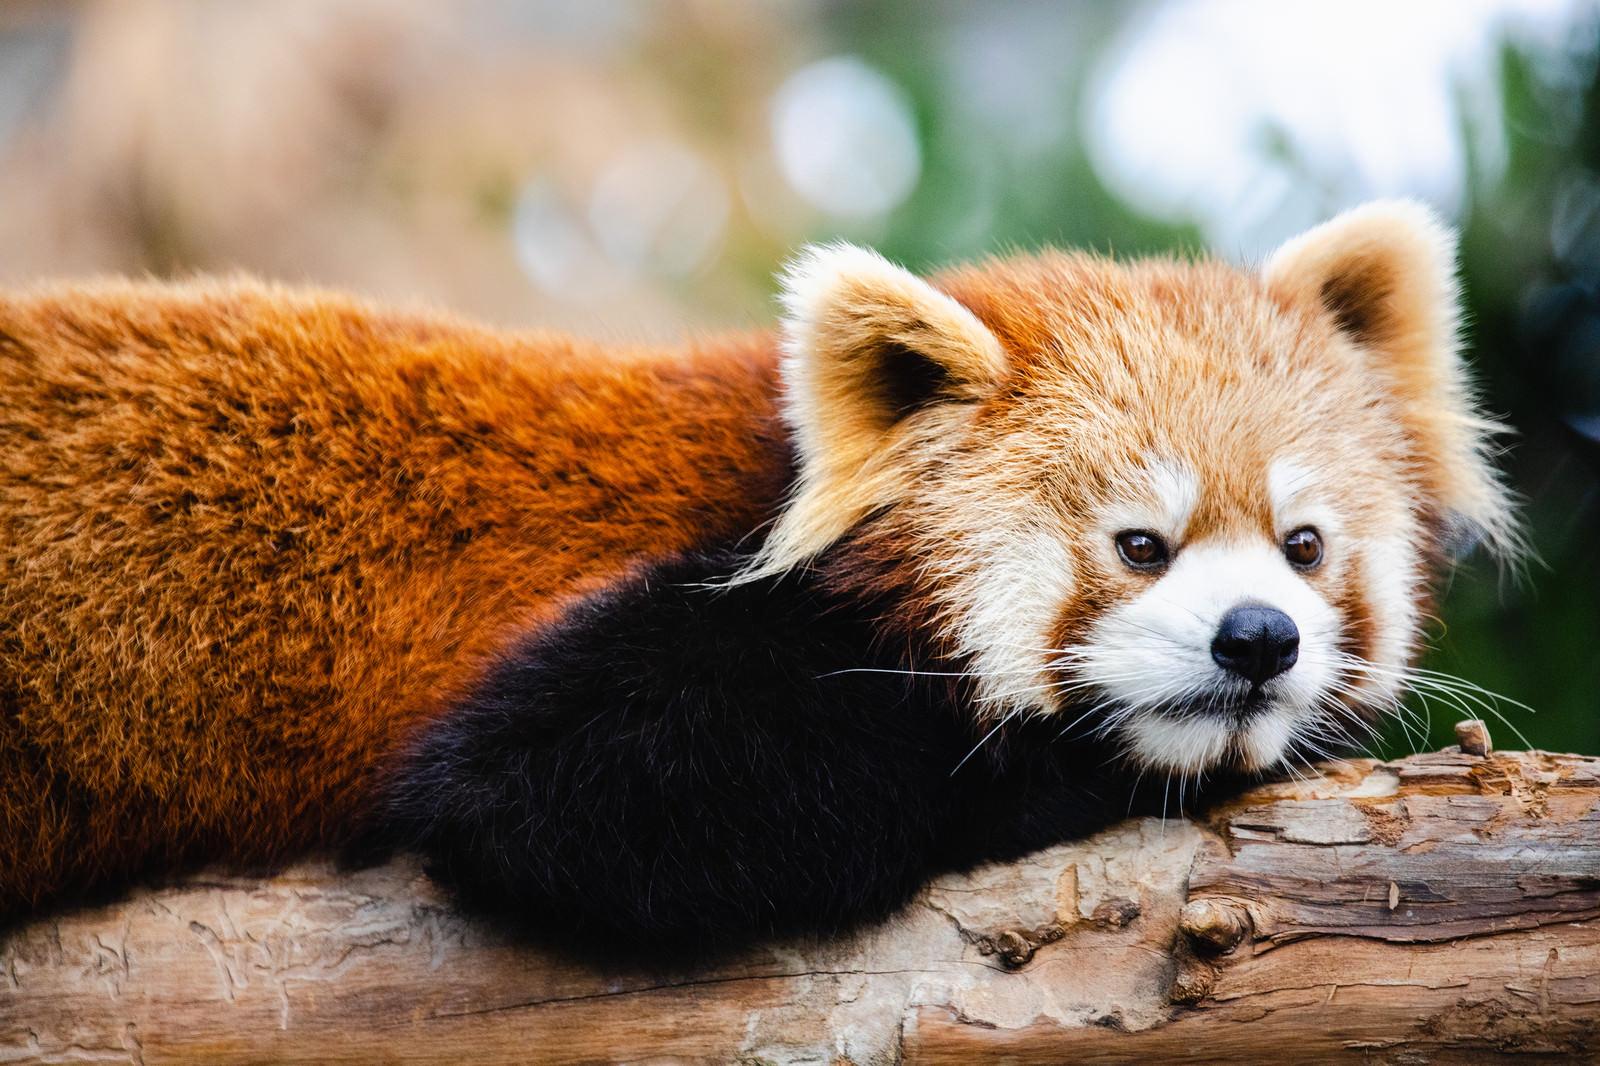 「ごろ寝中のレッサーパンダさん」の写真